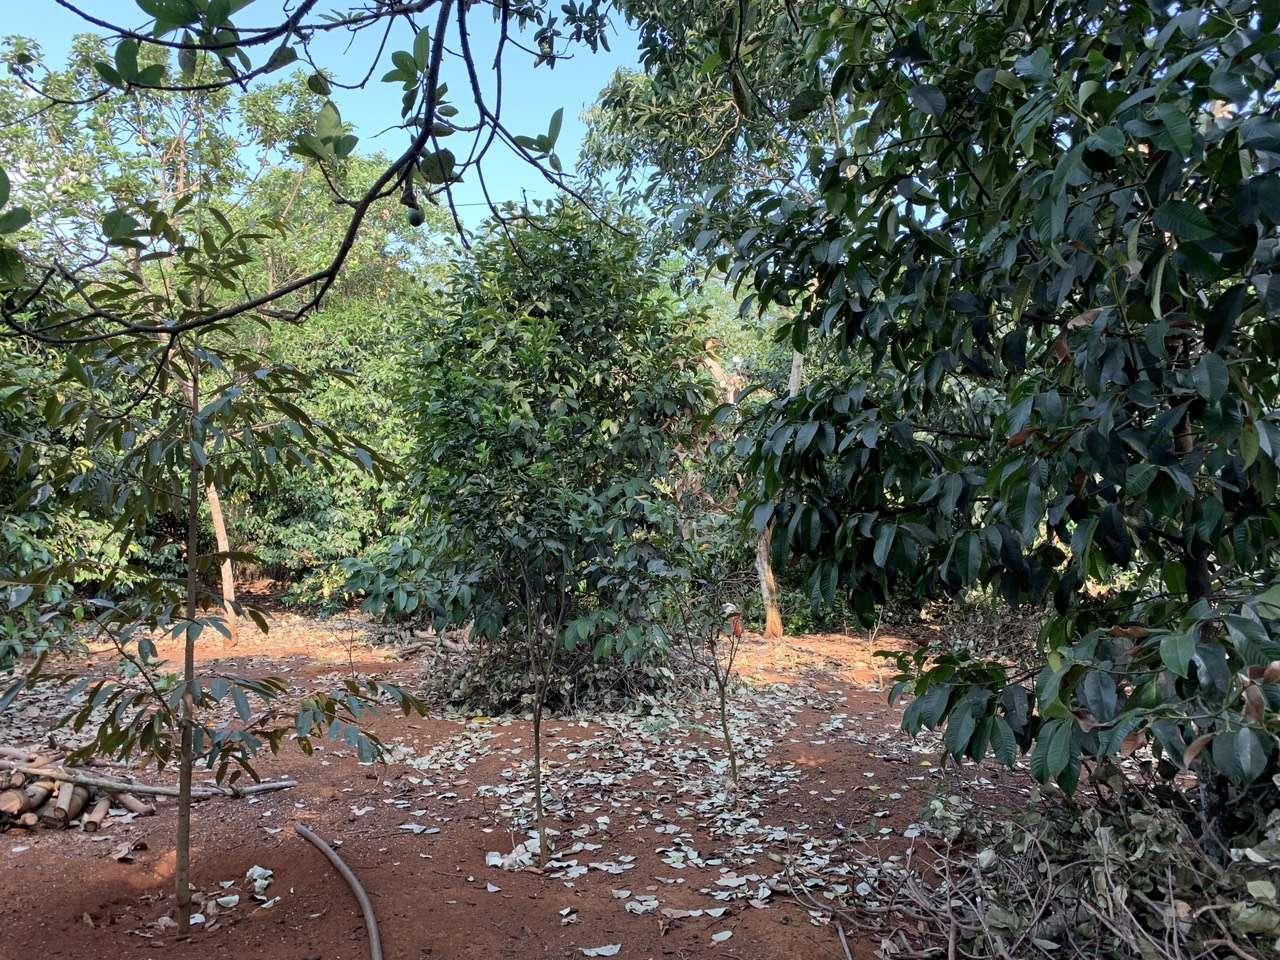 N007 - Bán đất có vườn cây ăn trái, có 3 mặt tiền, giá 2,5 tỷ tại Xà Bang, Châu Đức, BRVT | VOVEREAL